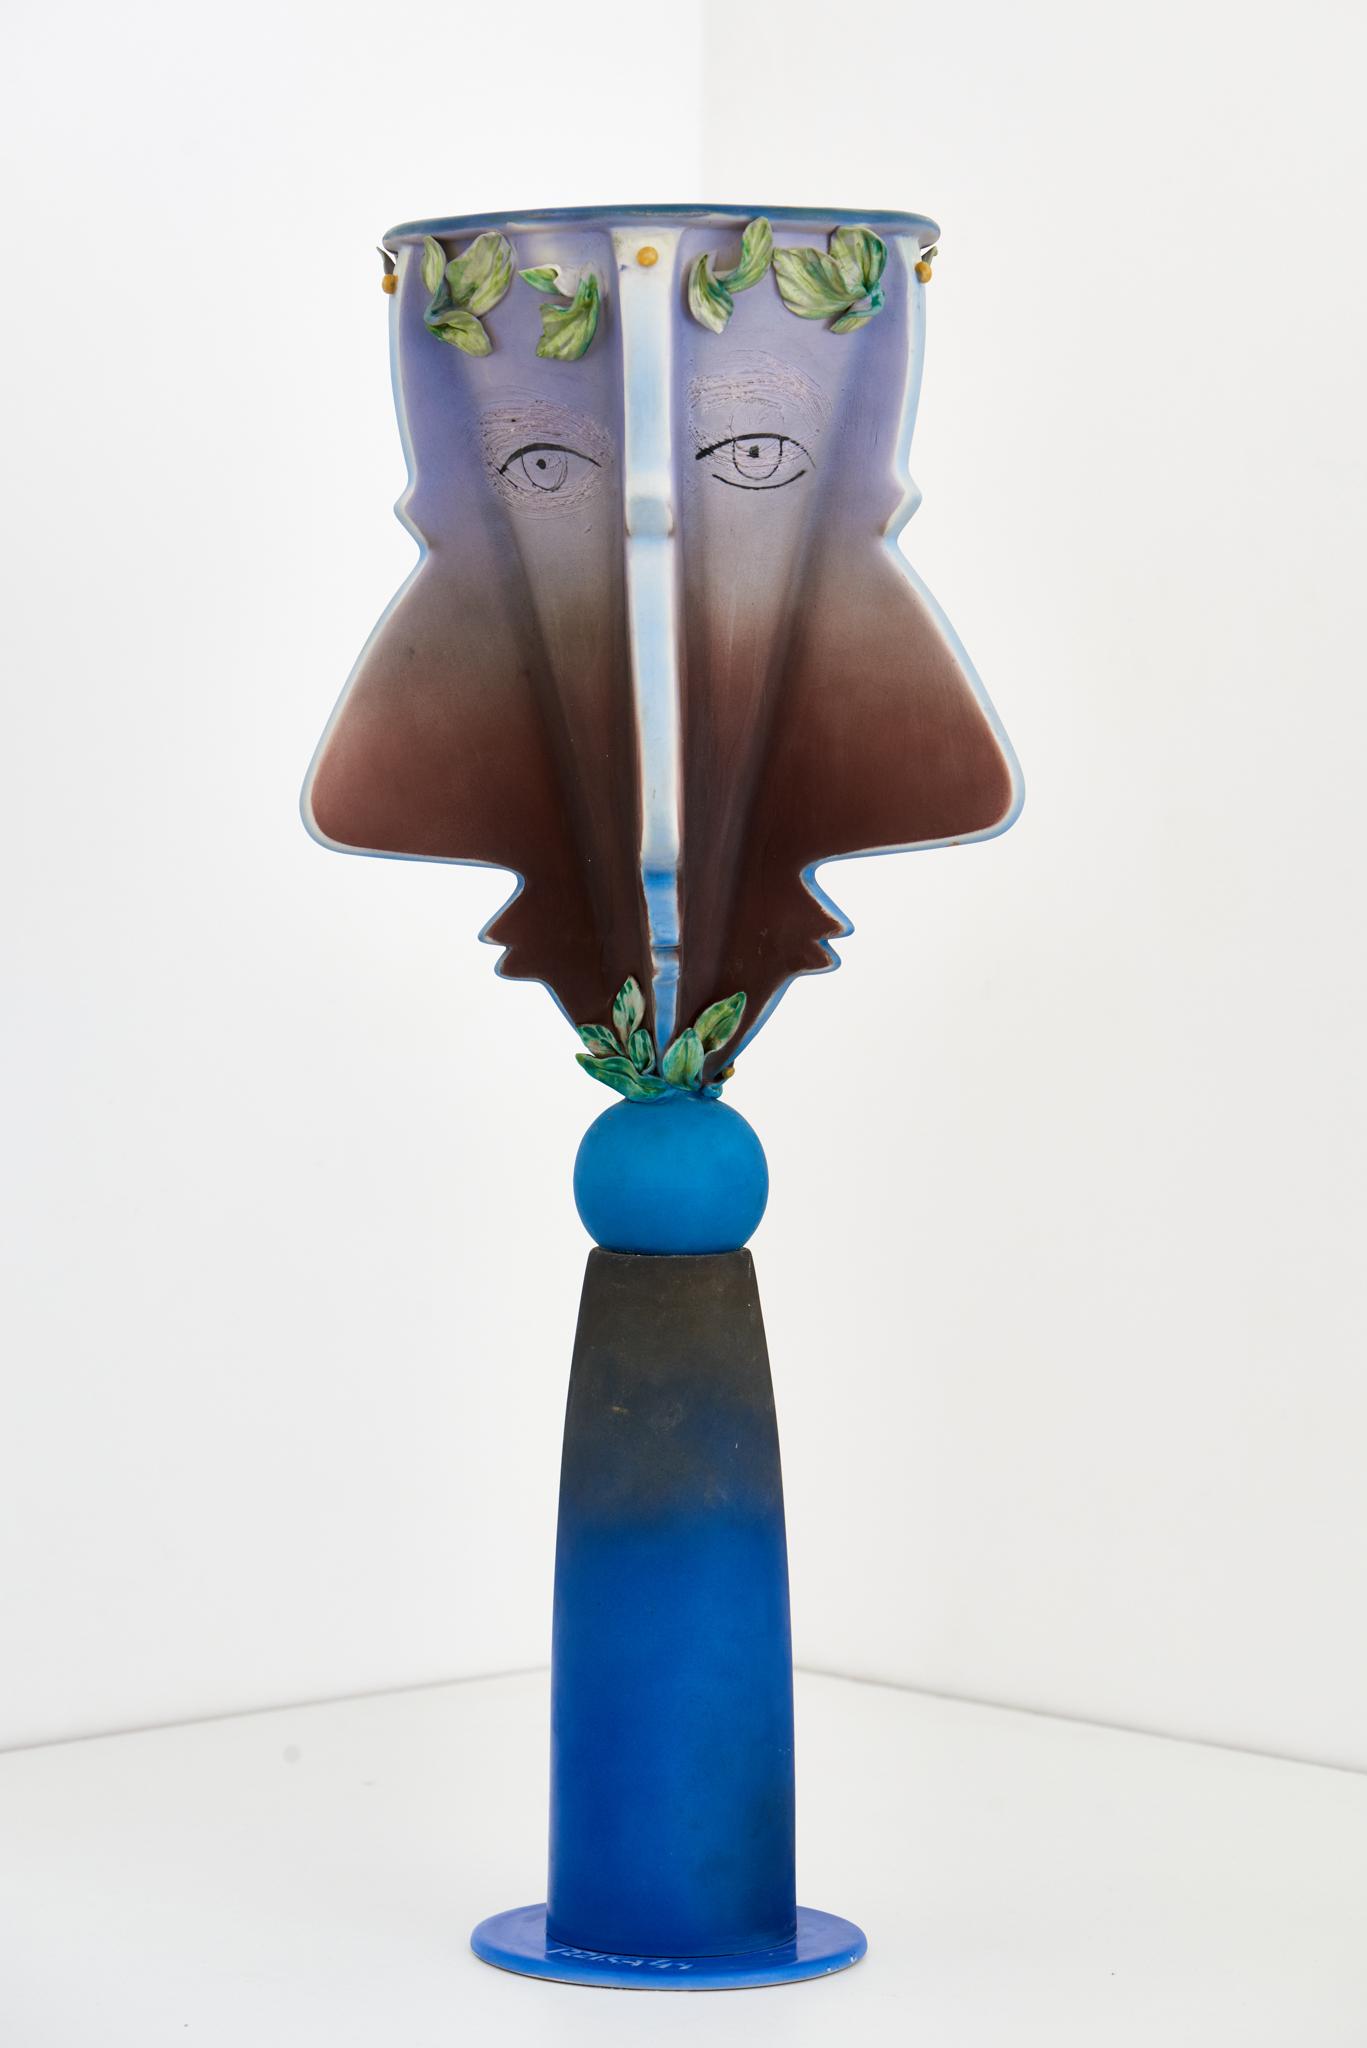 חַרְצֶלָן פּוֹרְצִינָה / איזיקה גאון